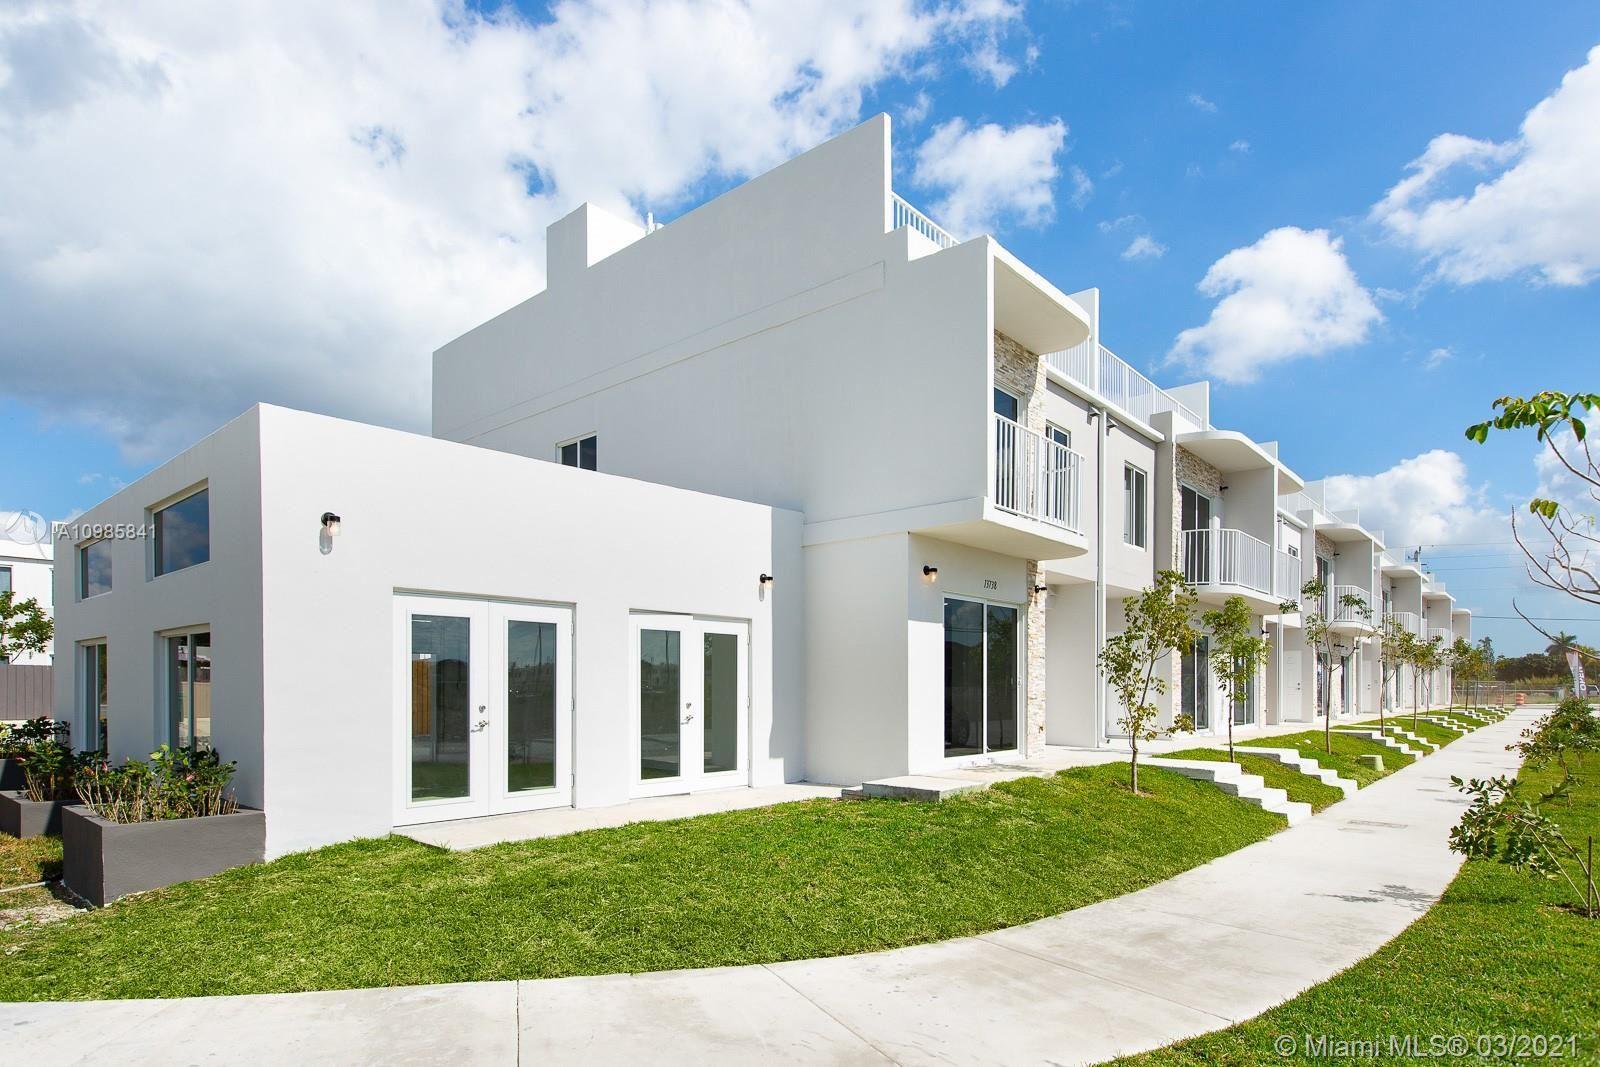 13702 SW 259 LN, Miami, FL 33032 - #: A10985841